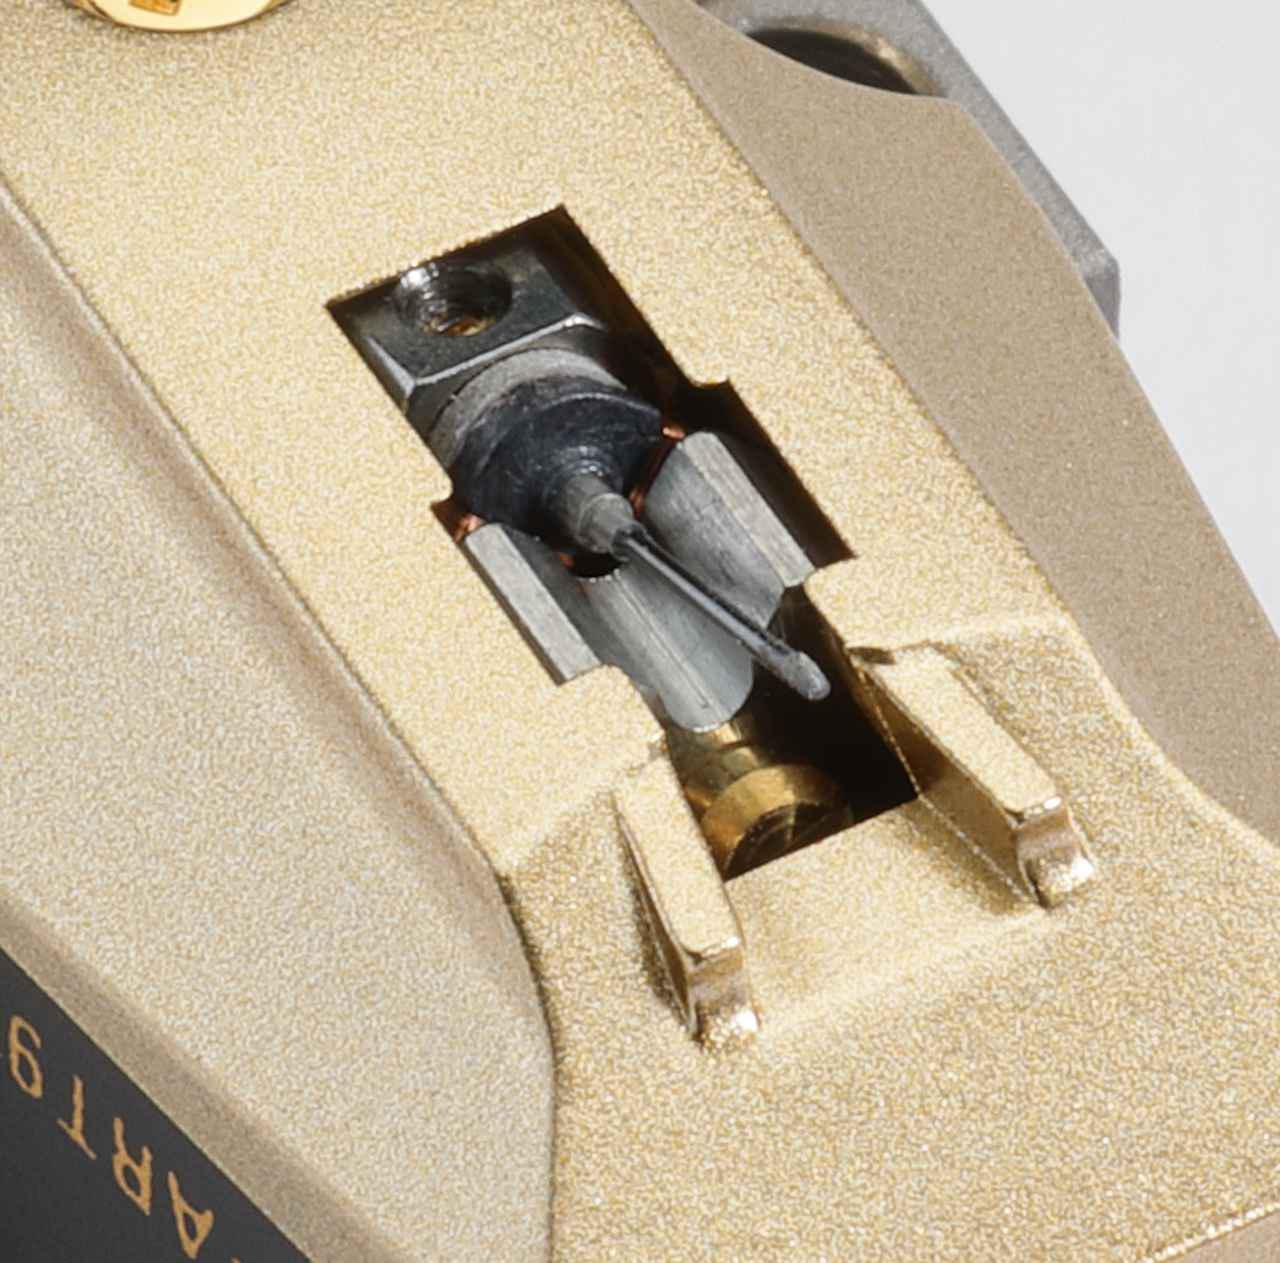 画像3: 磁気回路が刷新されたMC型のARTシリーズ。 オーディオテクニカ AT-ART9XI,AT-ART9XA 2機種同時に発売